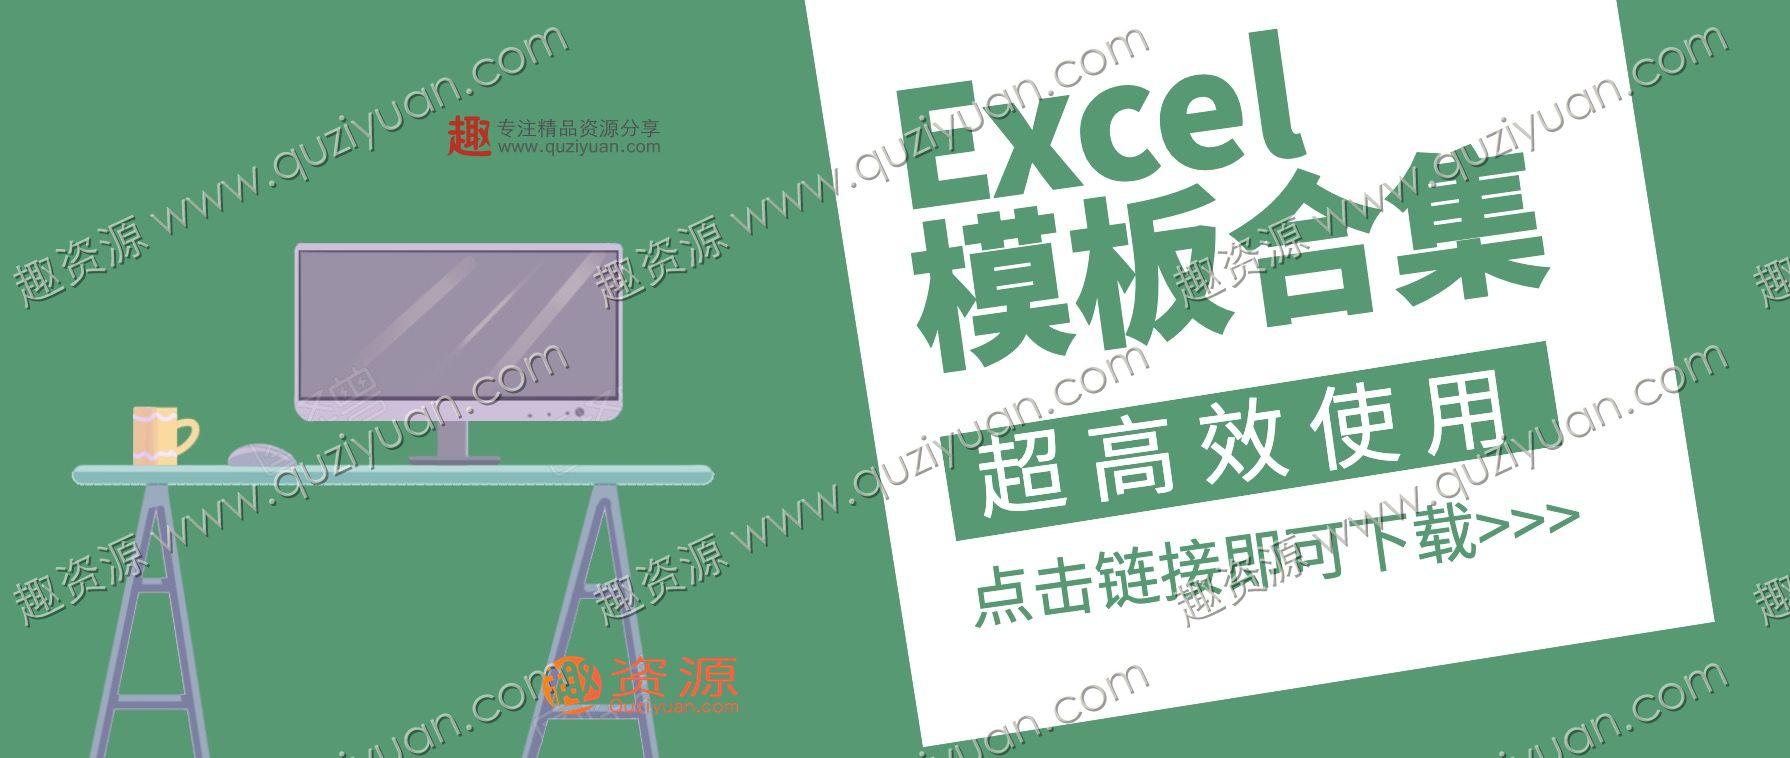 1000个实用高效Excel模板百度网盘下载 百度网盘